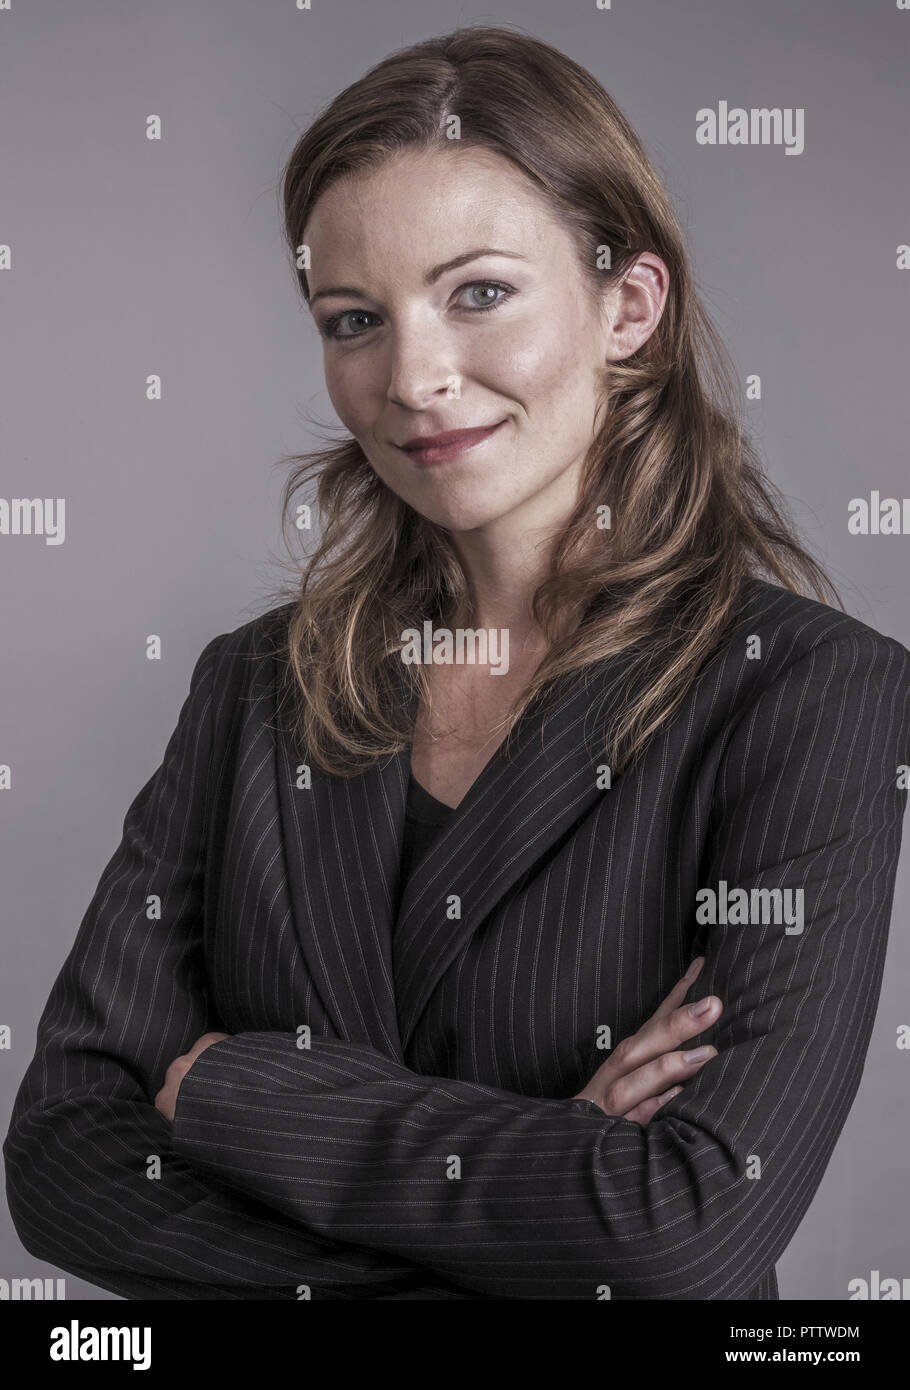 Frau im verschraenkte Anzug, Armenia, Halbportraet (modelo-liberado) Foto de stock